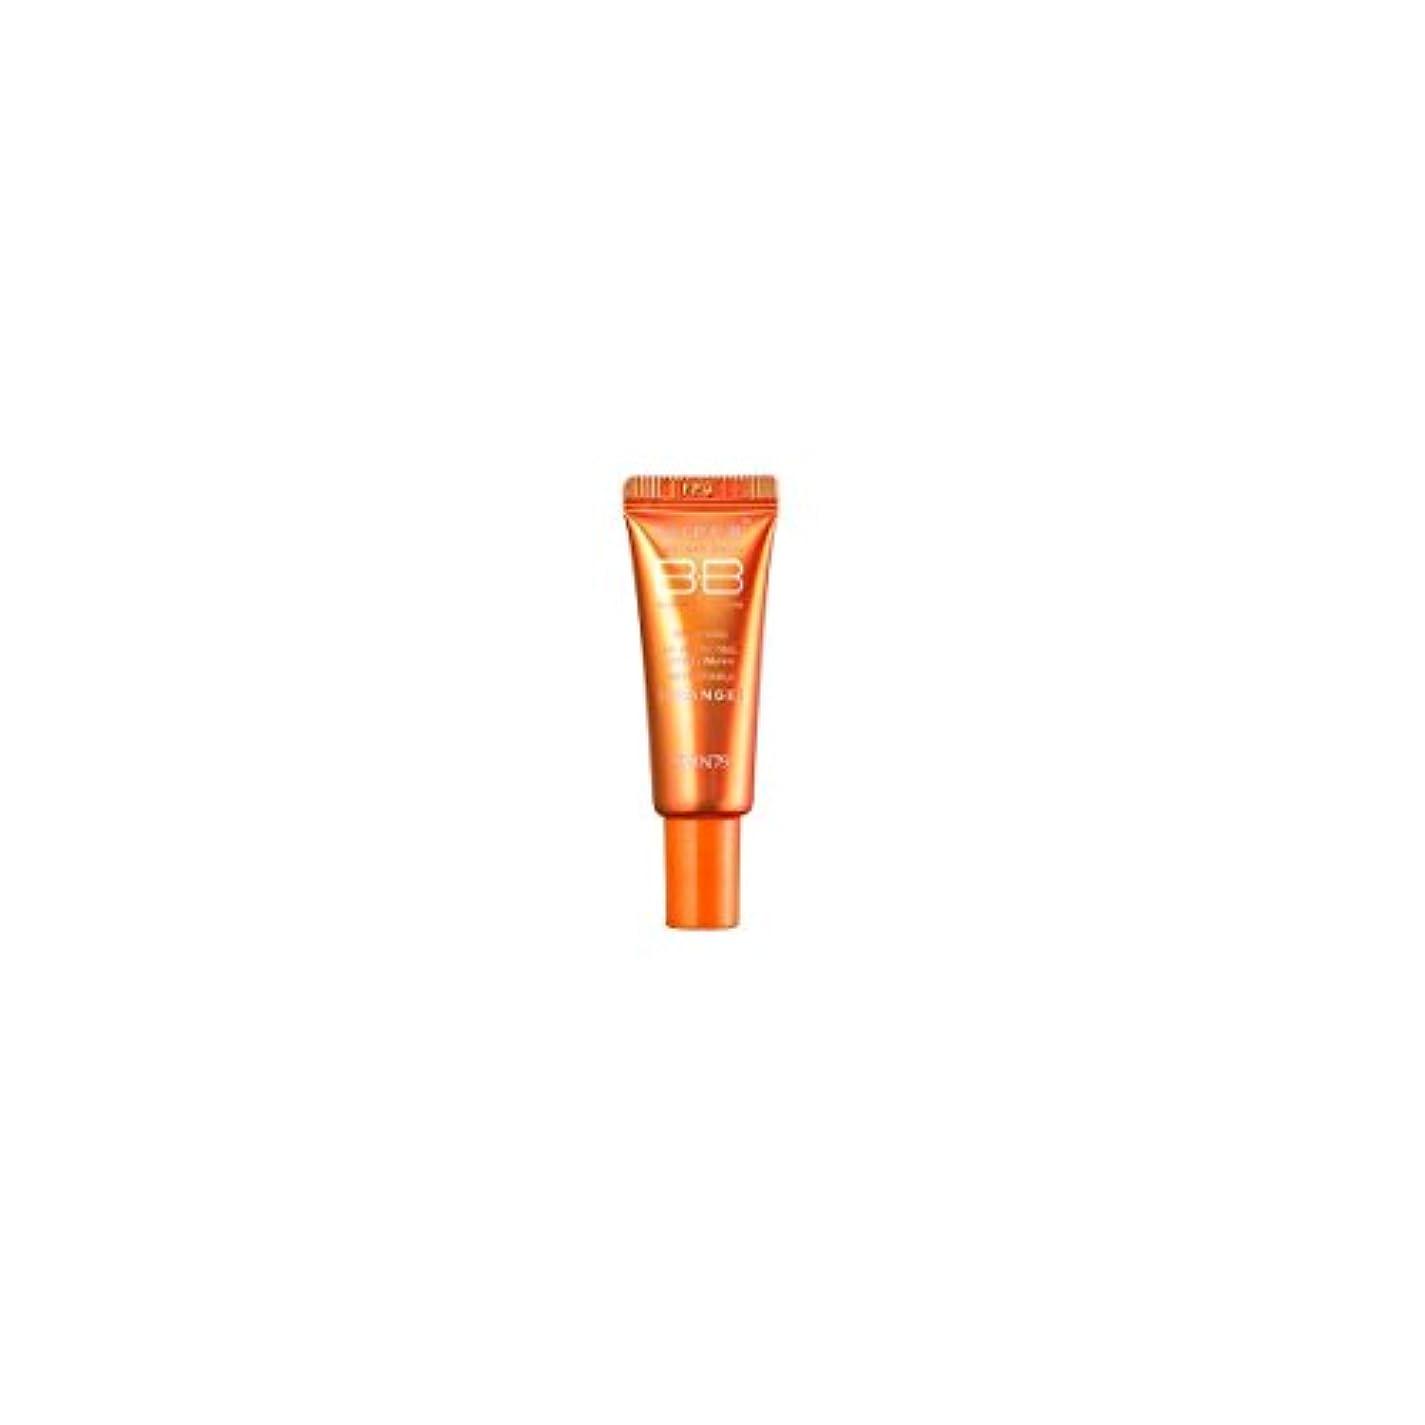 トチの実の木廃止家族SKIN79 スキン79スーパートリプル機能BBクリーム - オレンジ